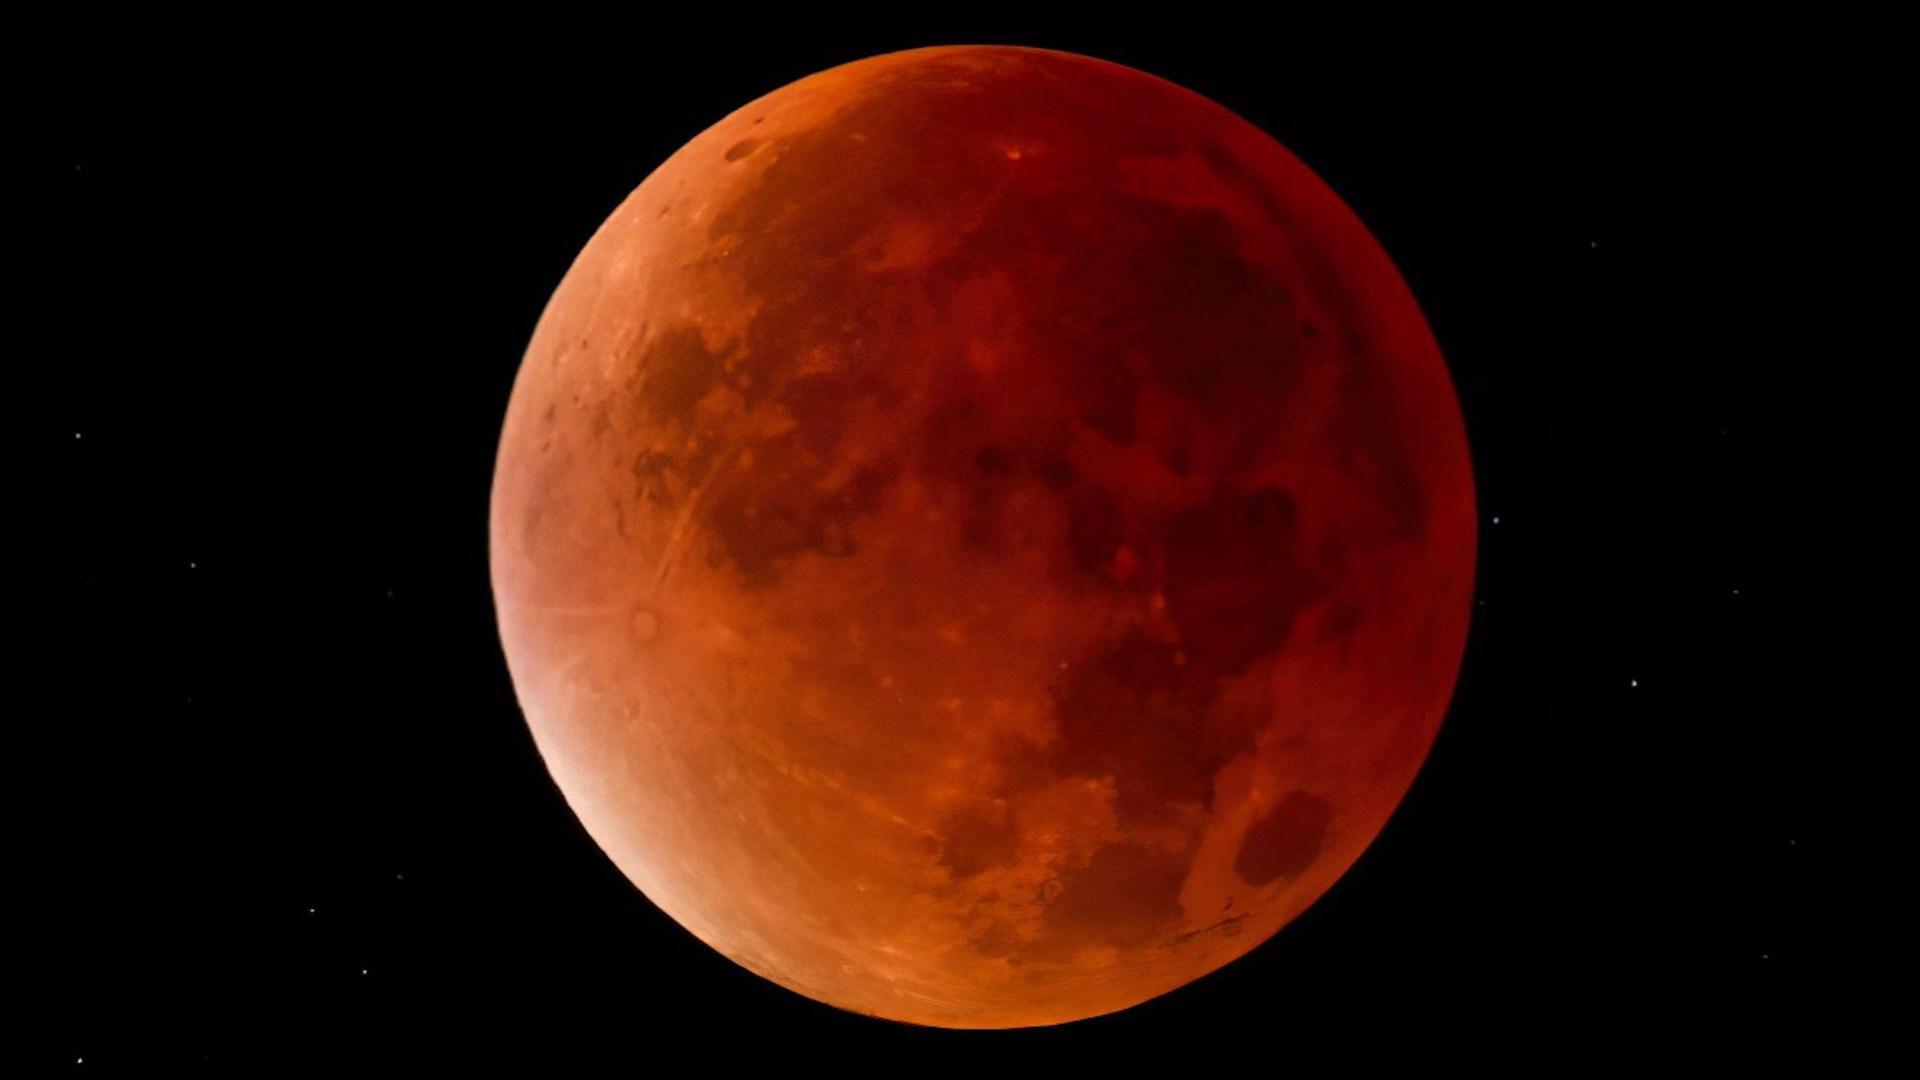 Mond, Mondfinsternis, Schatten, Blutmond, Finsternis